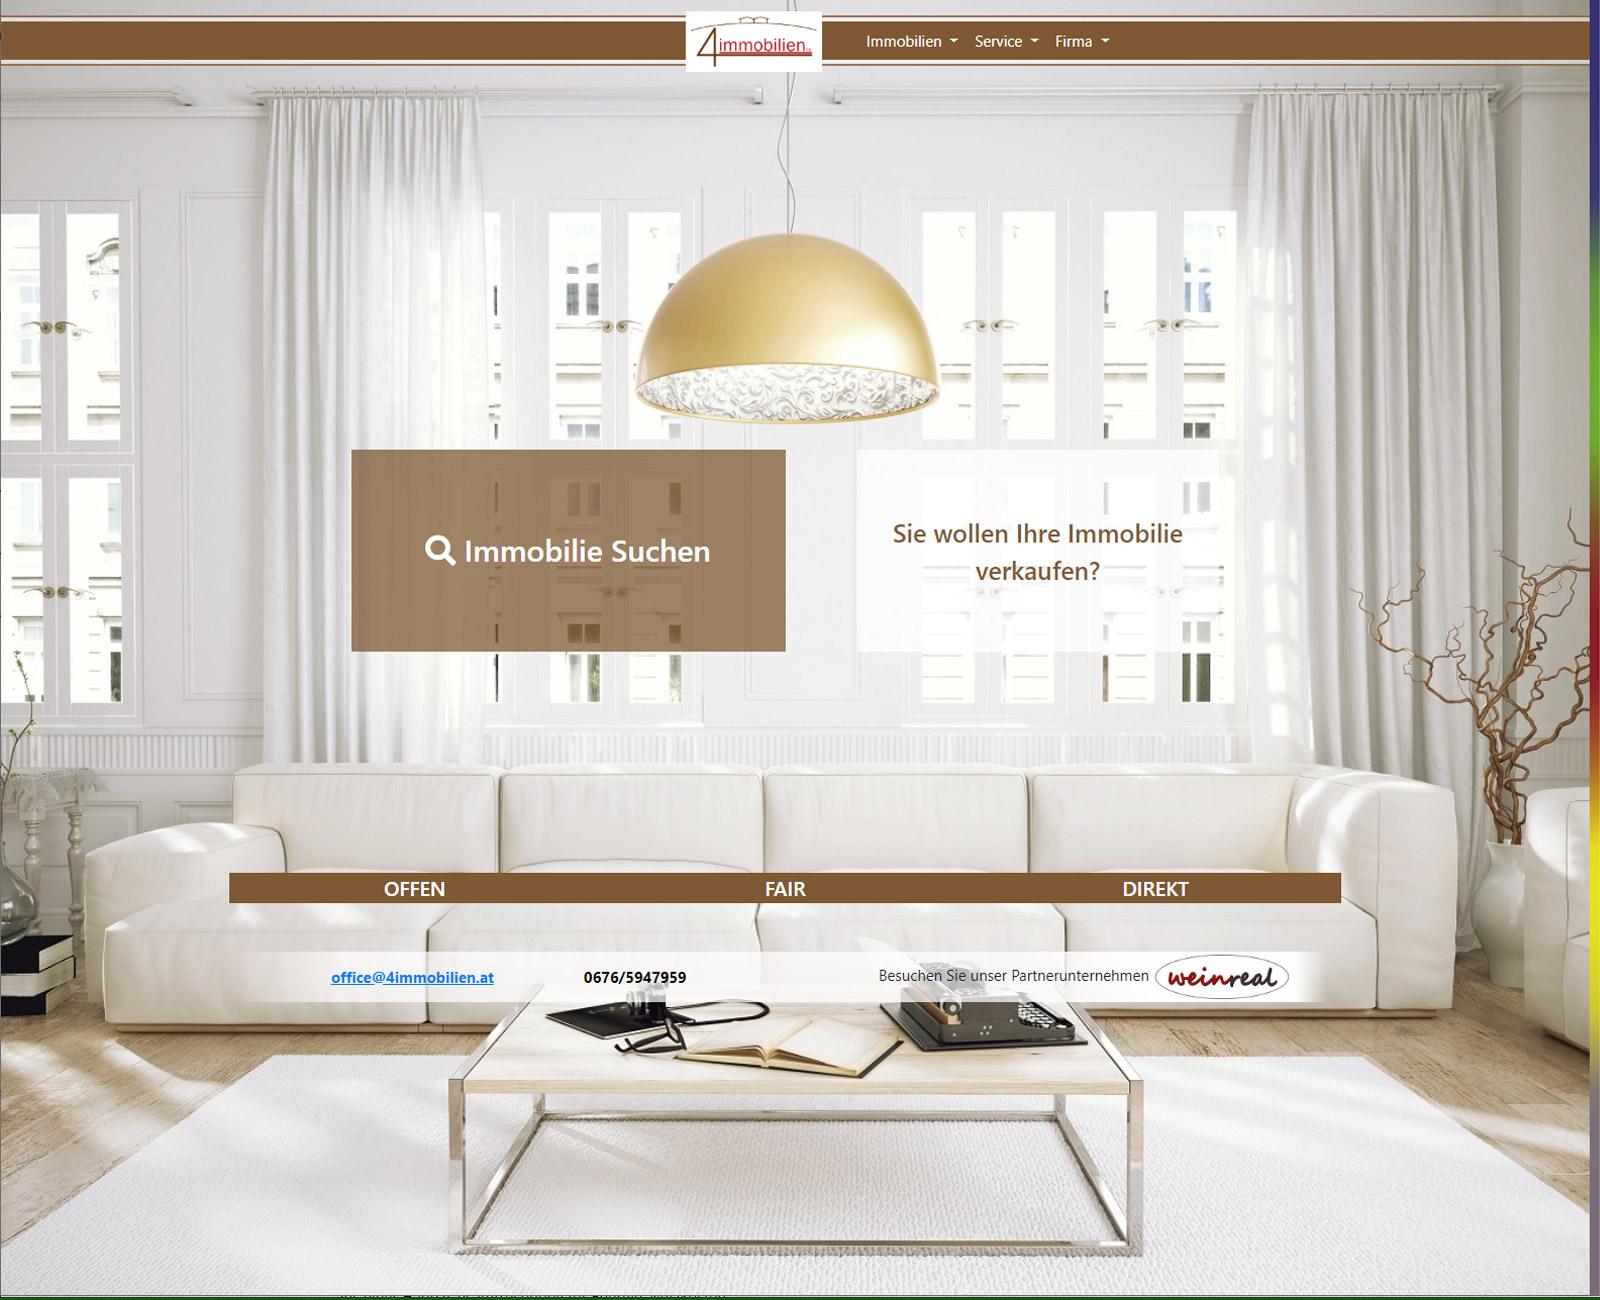 4immobilien Website vor Redesign